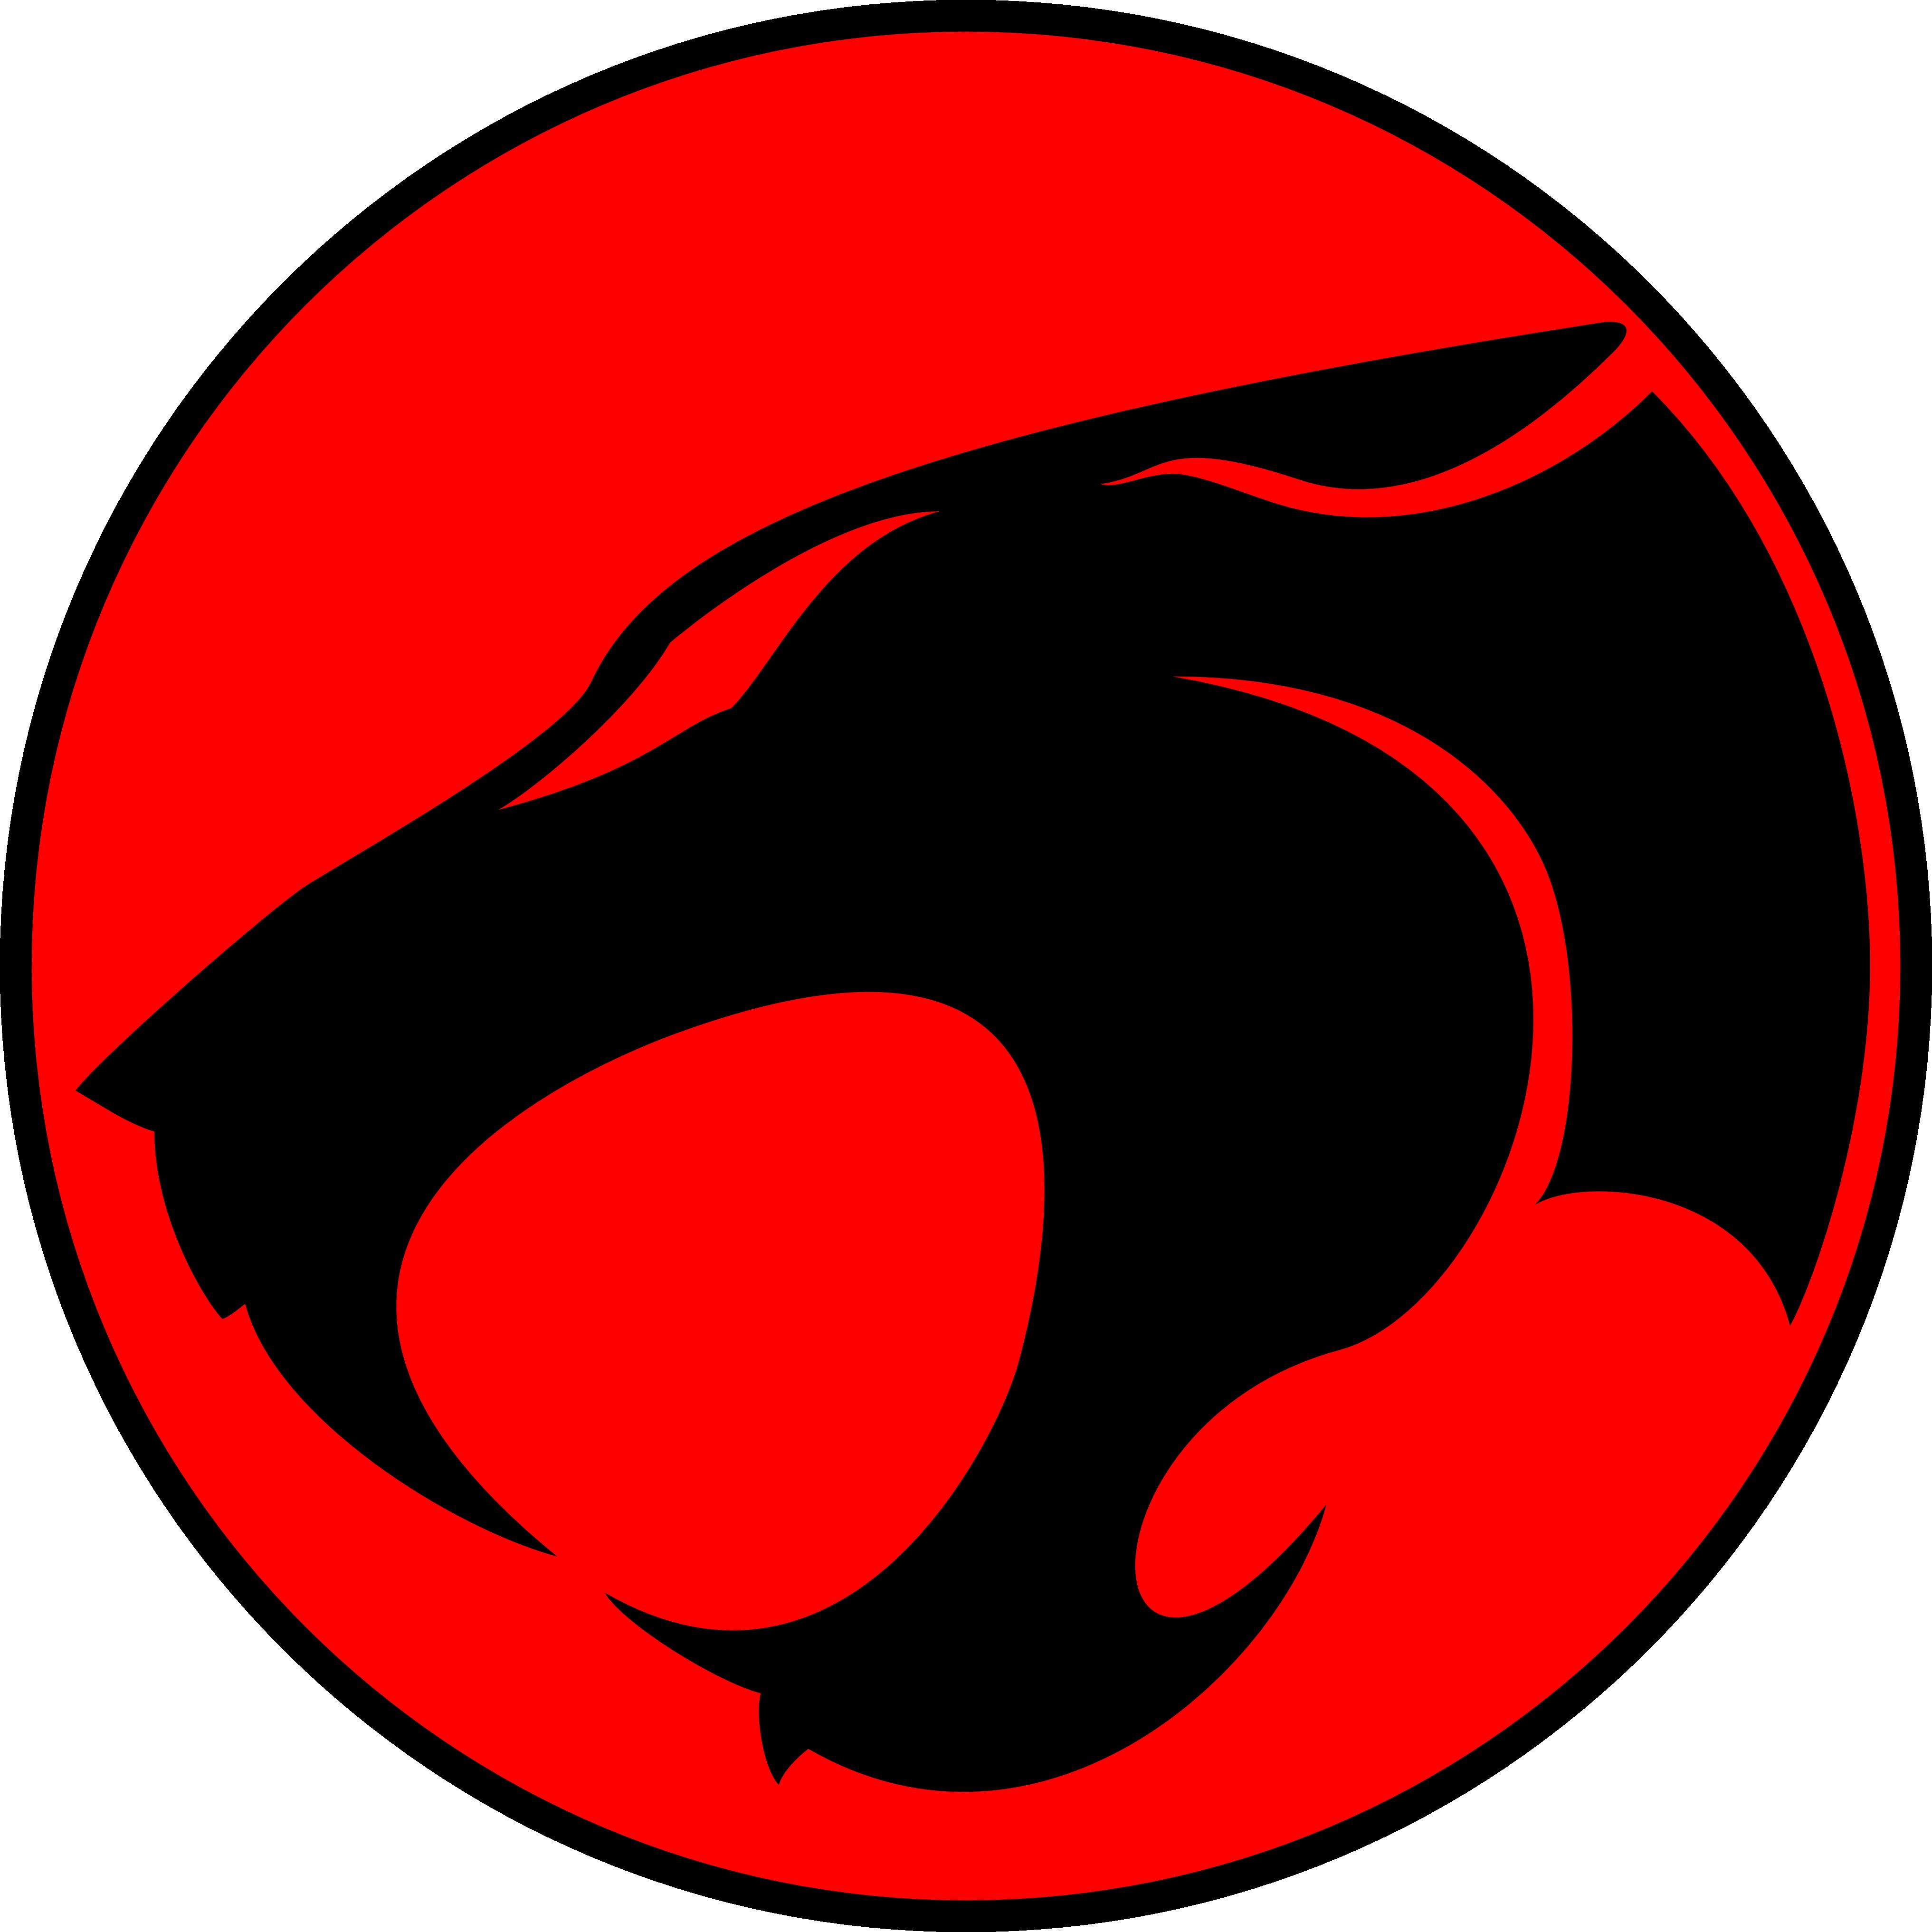 Thundercats 19852011 Logo by Pencilshade 4067x4066